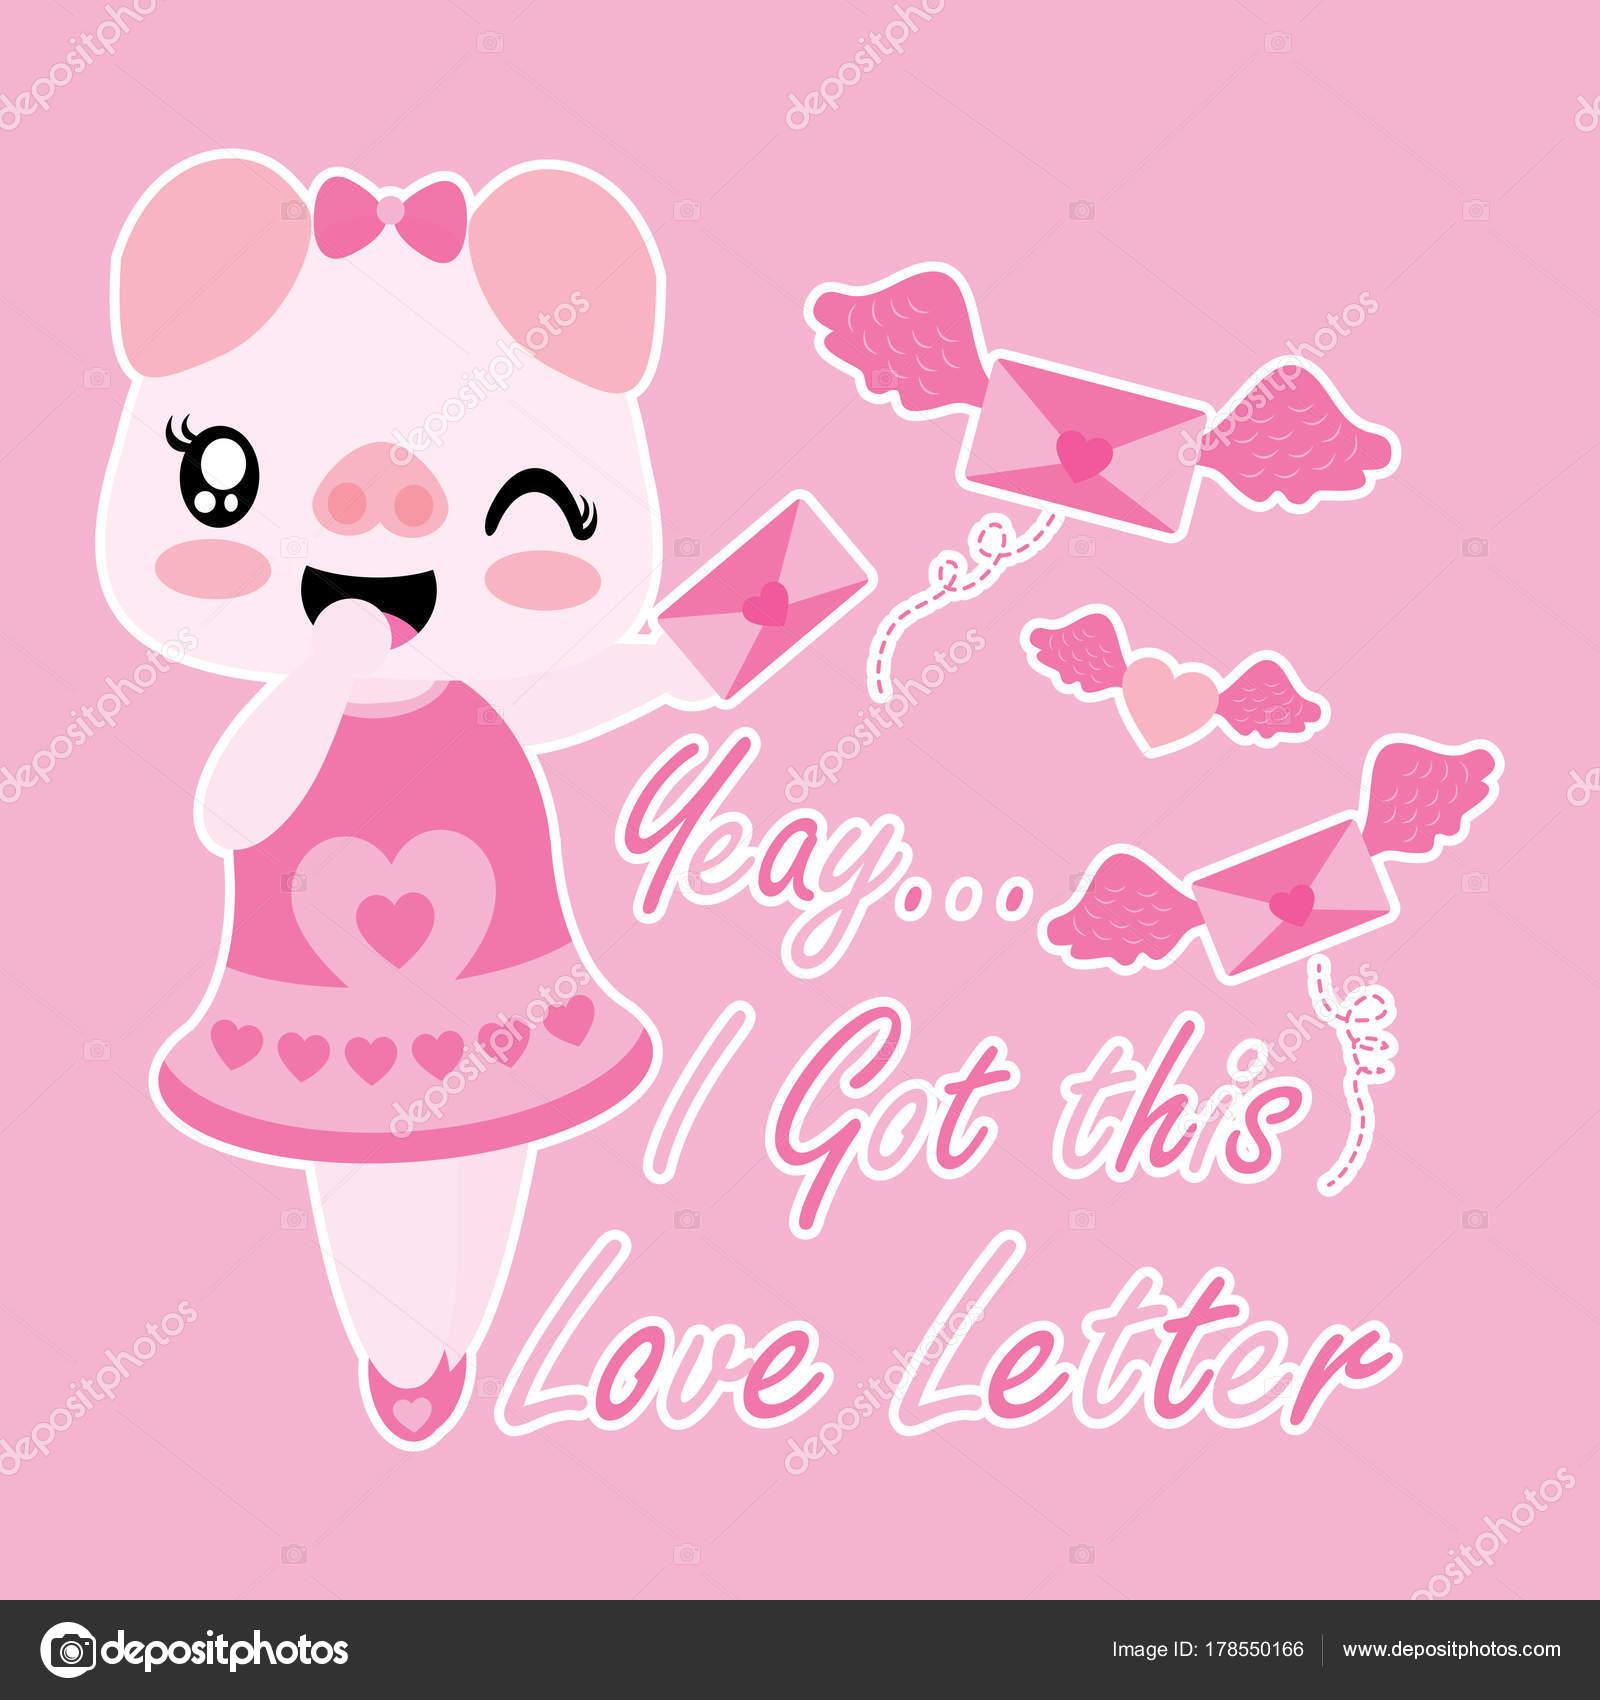 かわいいブタの翼を持つ愛の手紙幸せなバレンタイン カードのデザイン